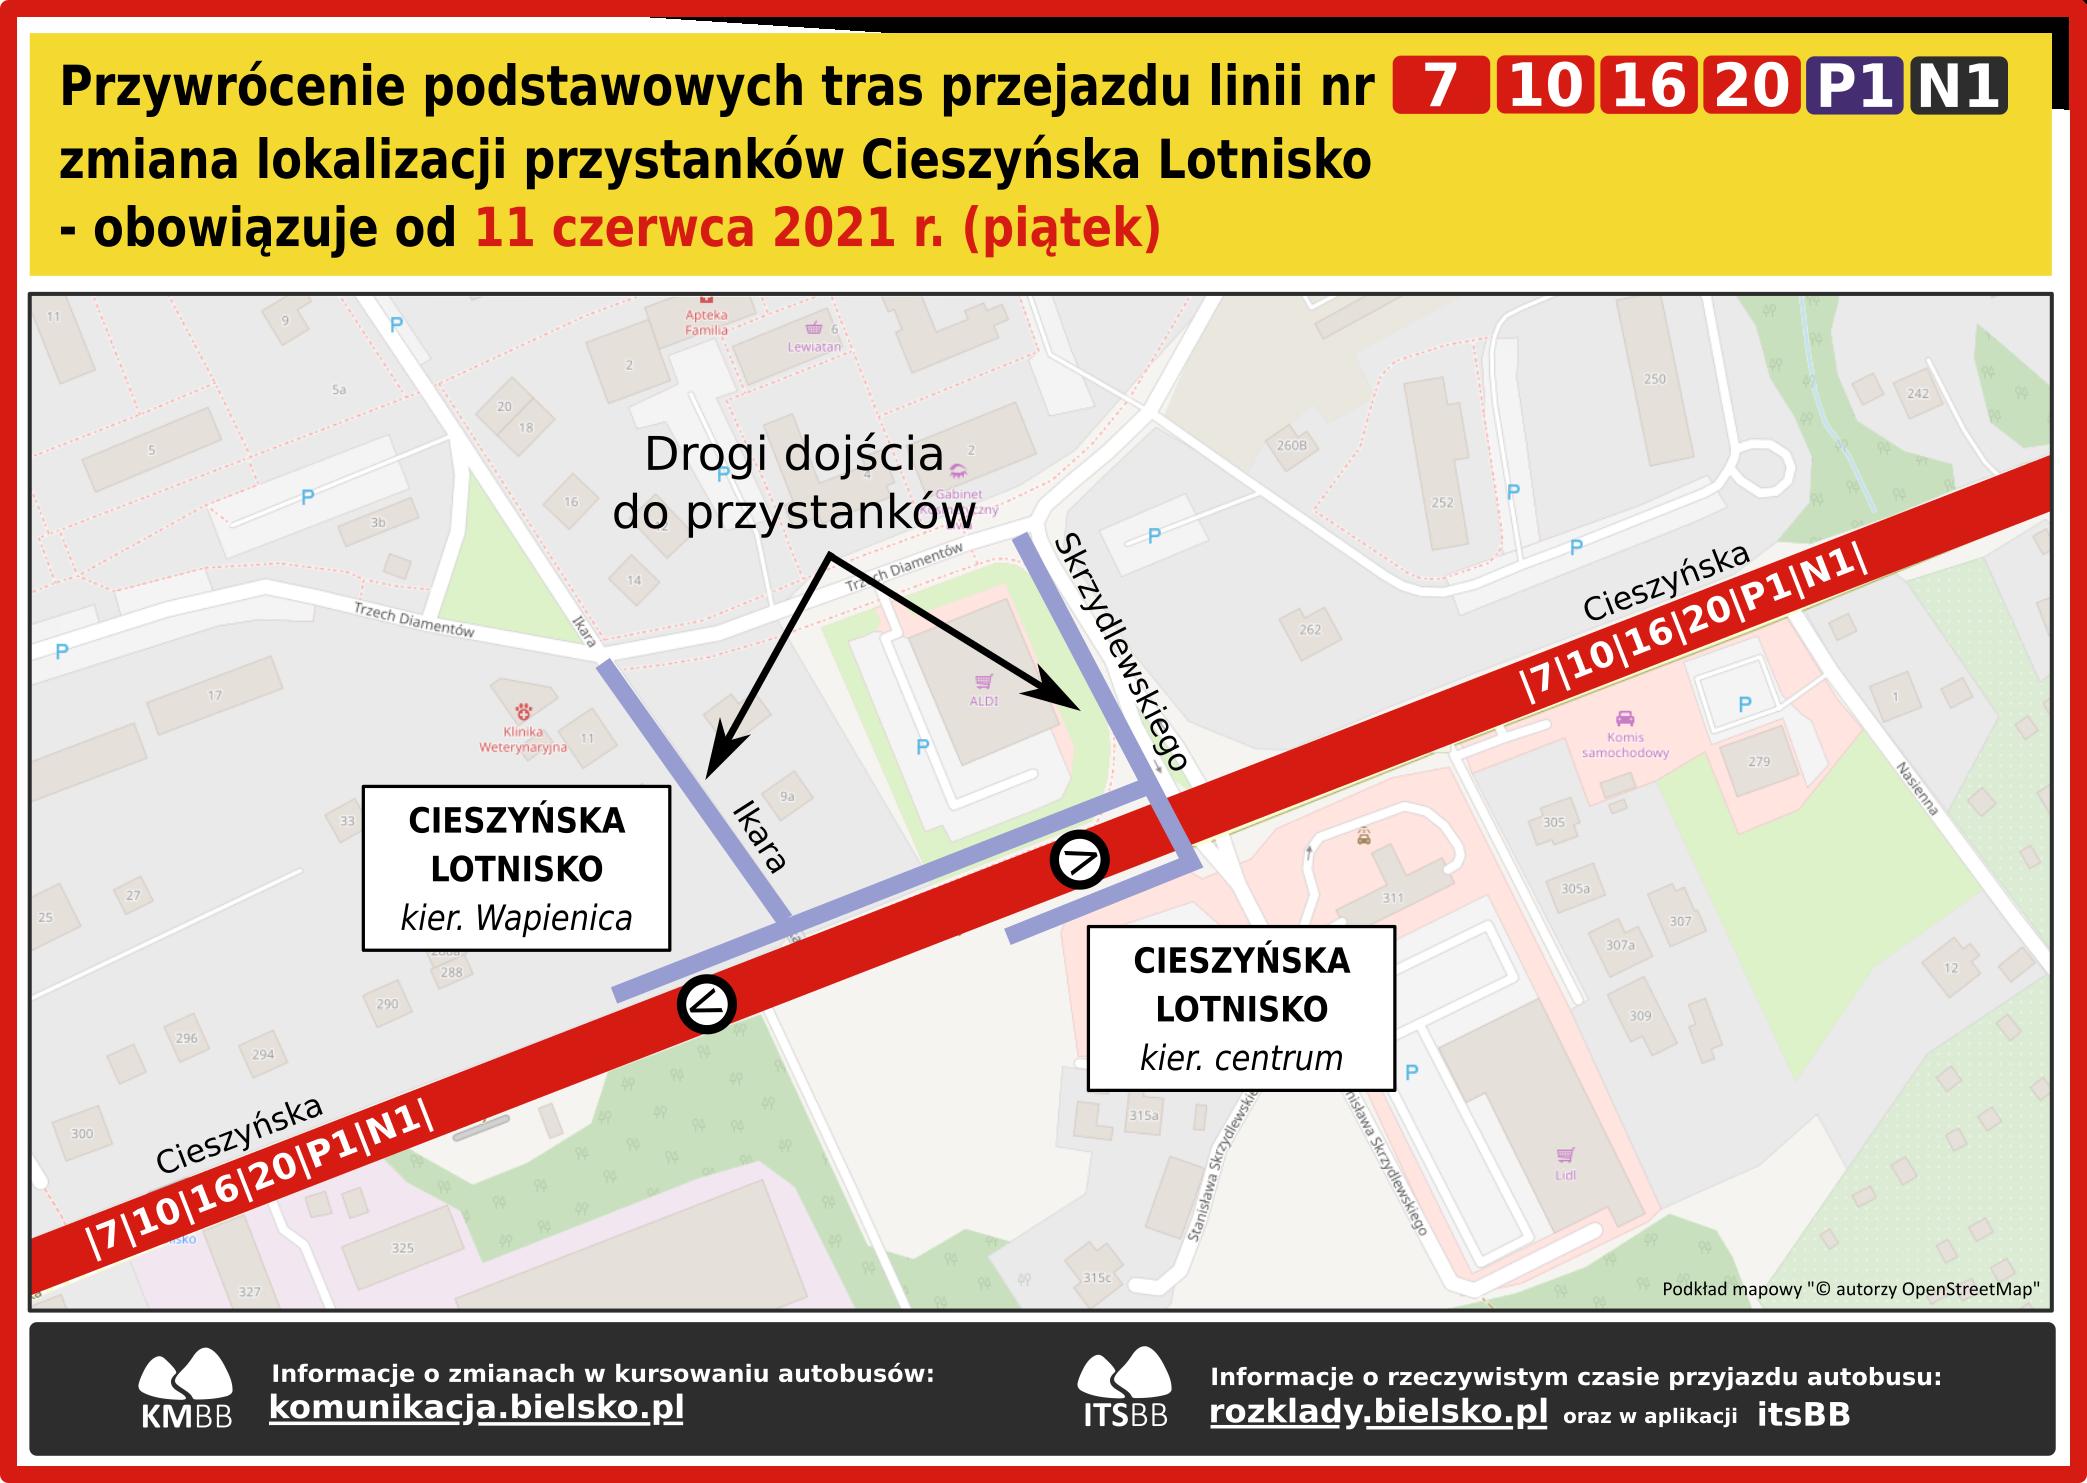 Drogi dojścia do przystanków Cieszyńska Lotnisko